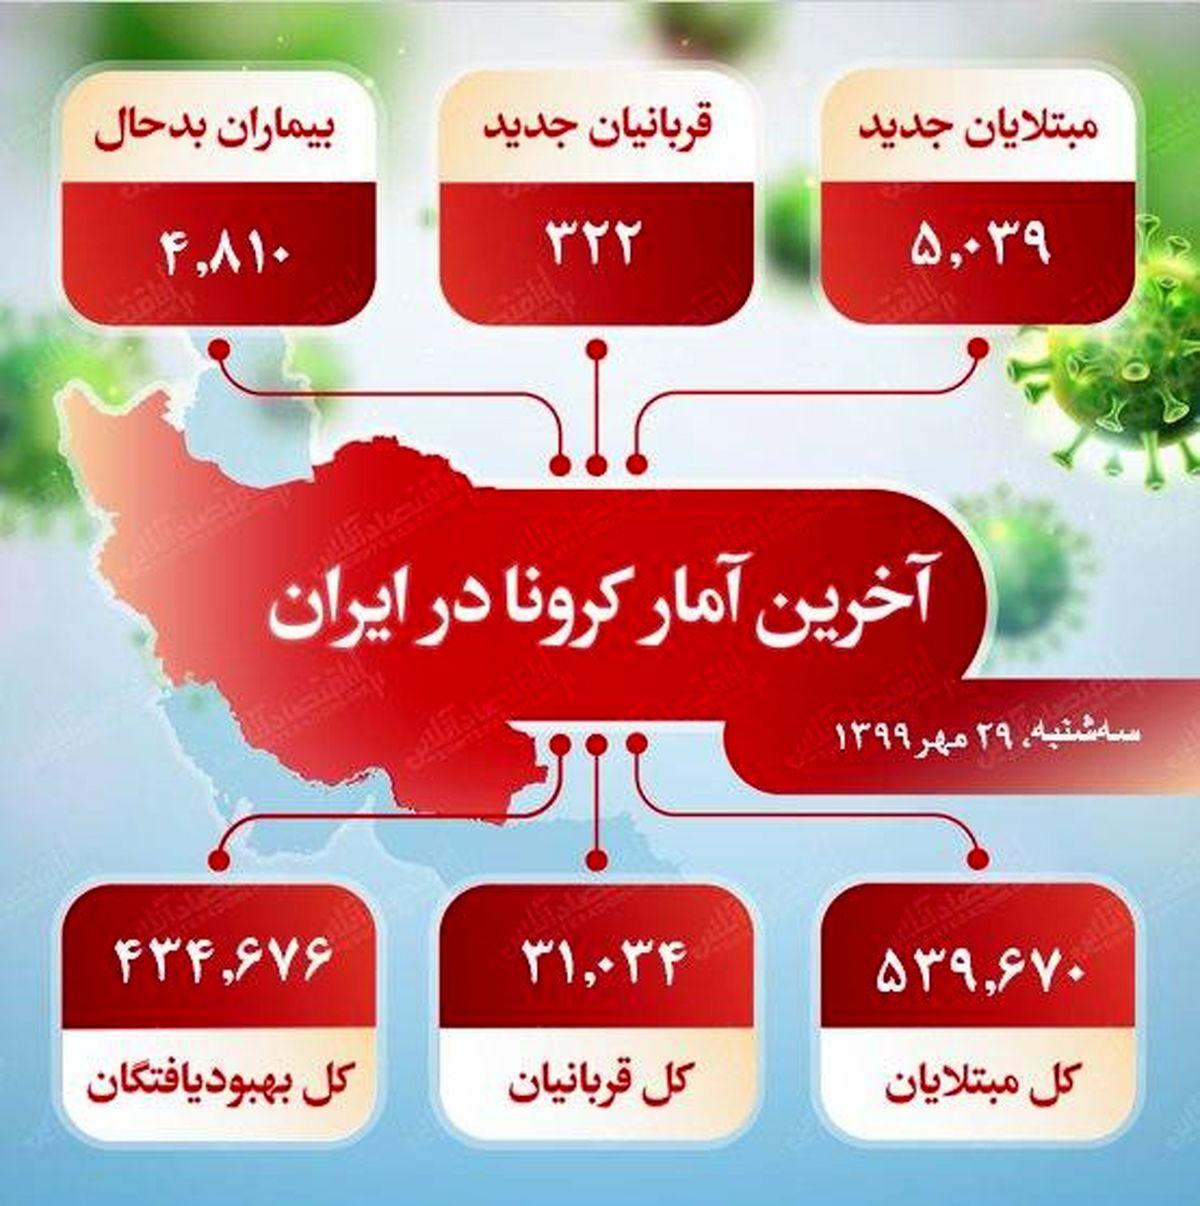 آخرین آمار کرونا در ایران (۹۹/۷/۲۹)